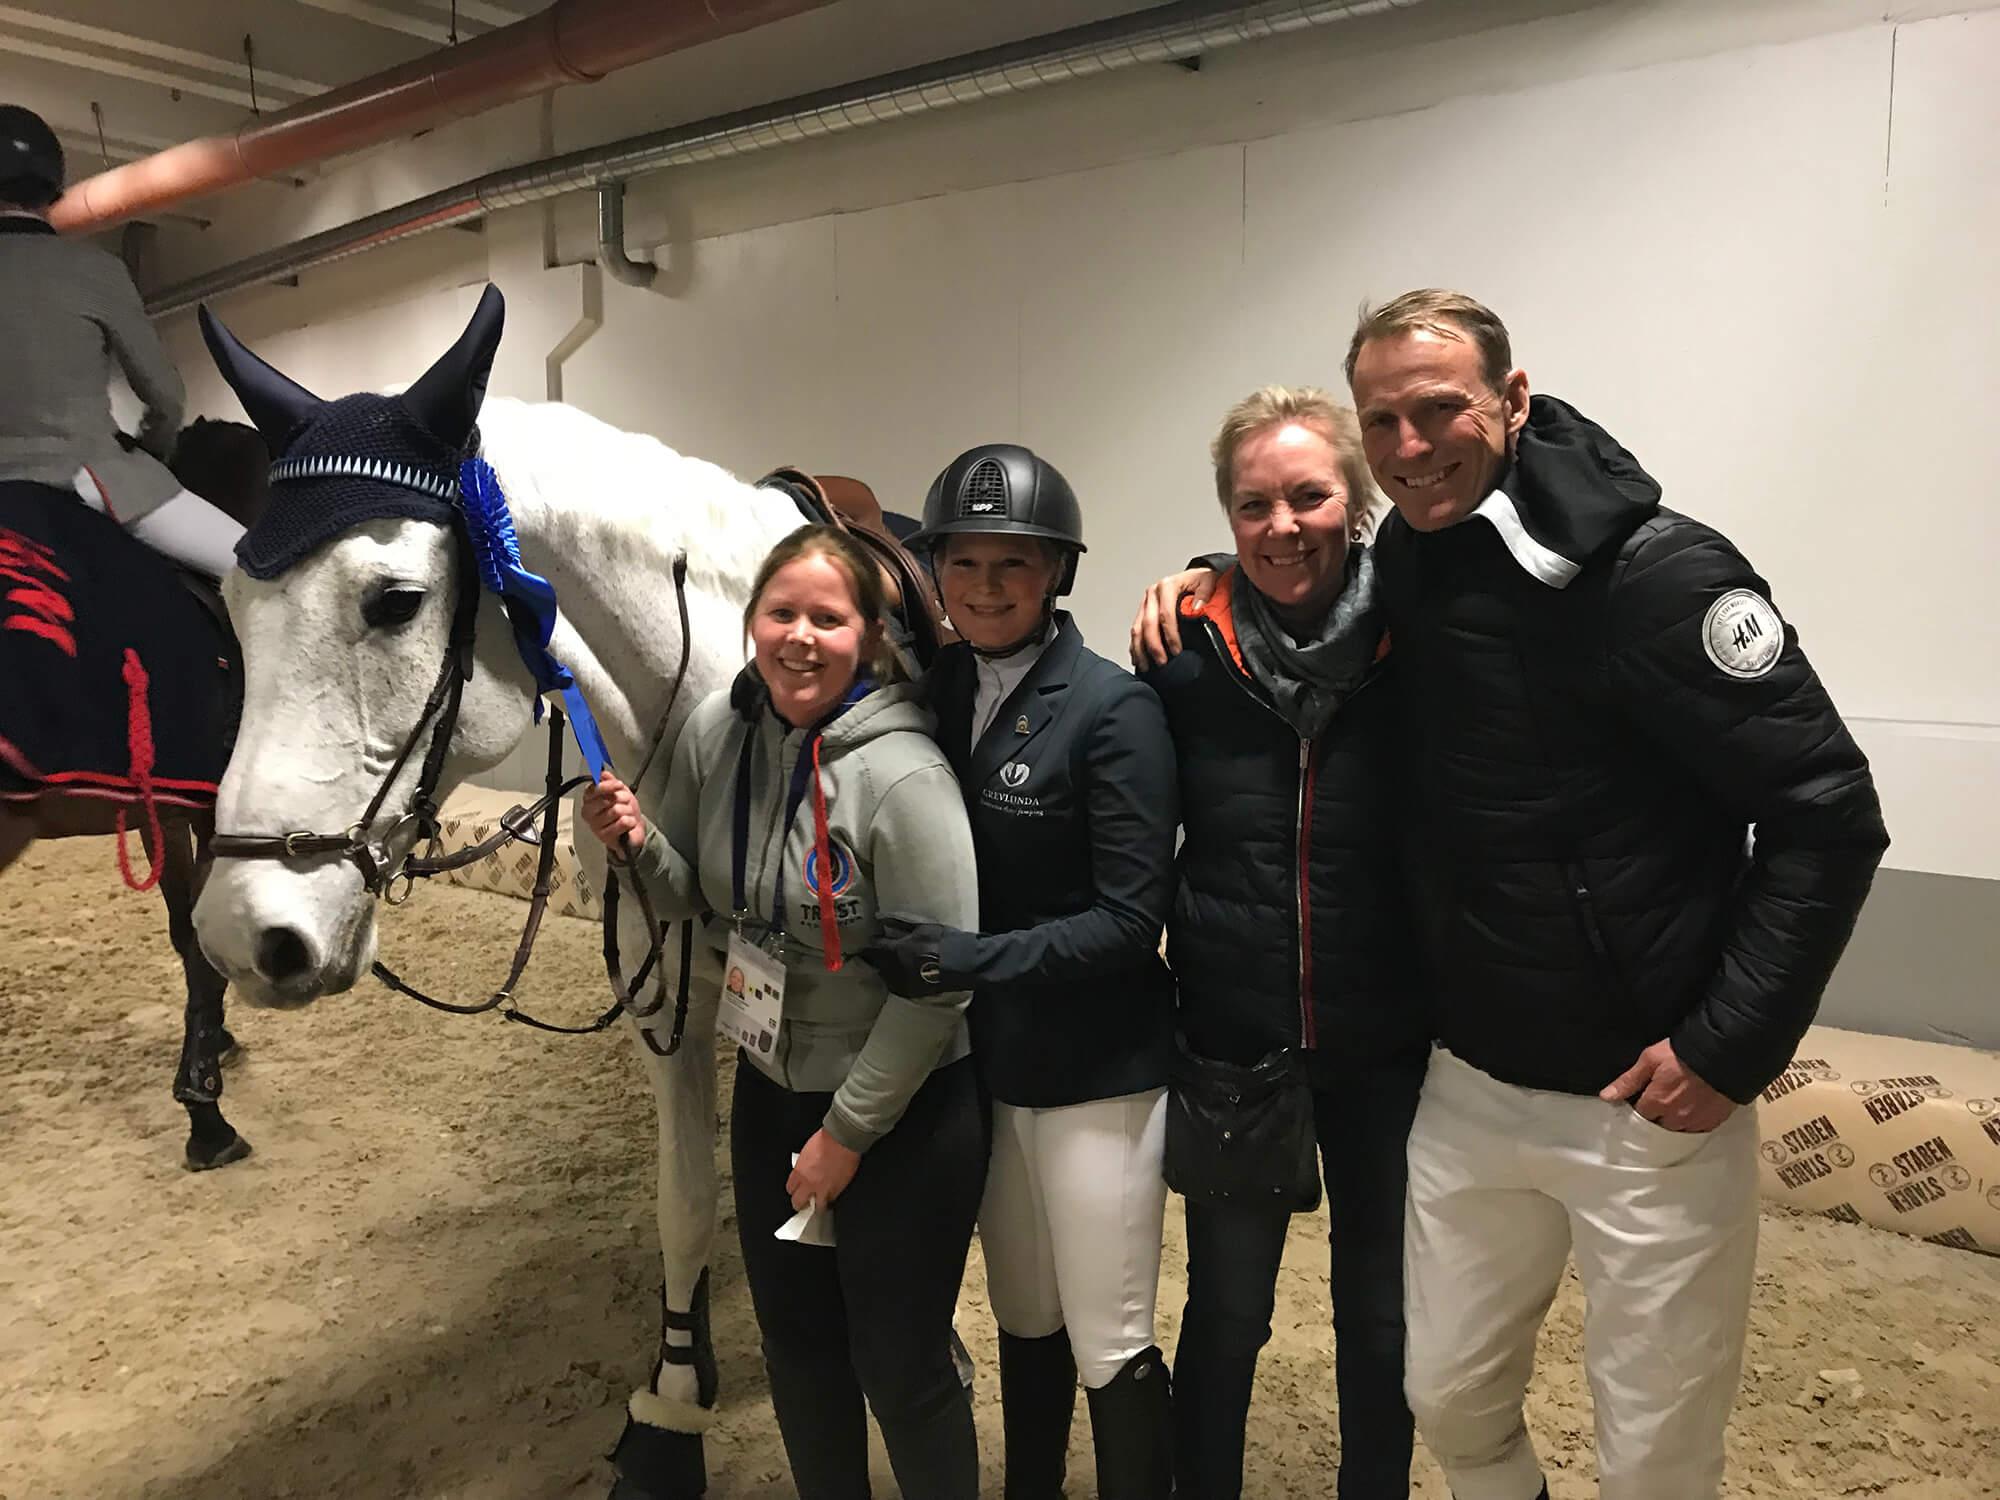 Peder och tre andra personer poserar med en häst